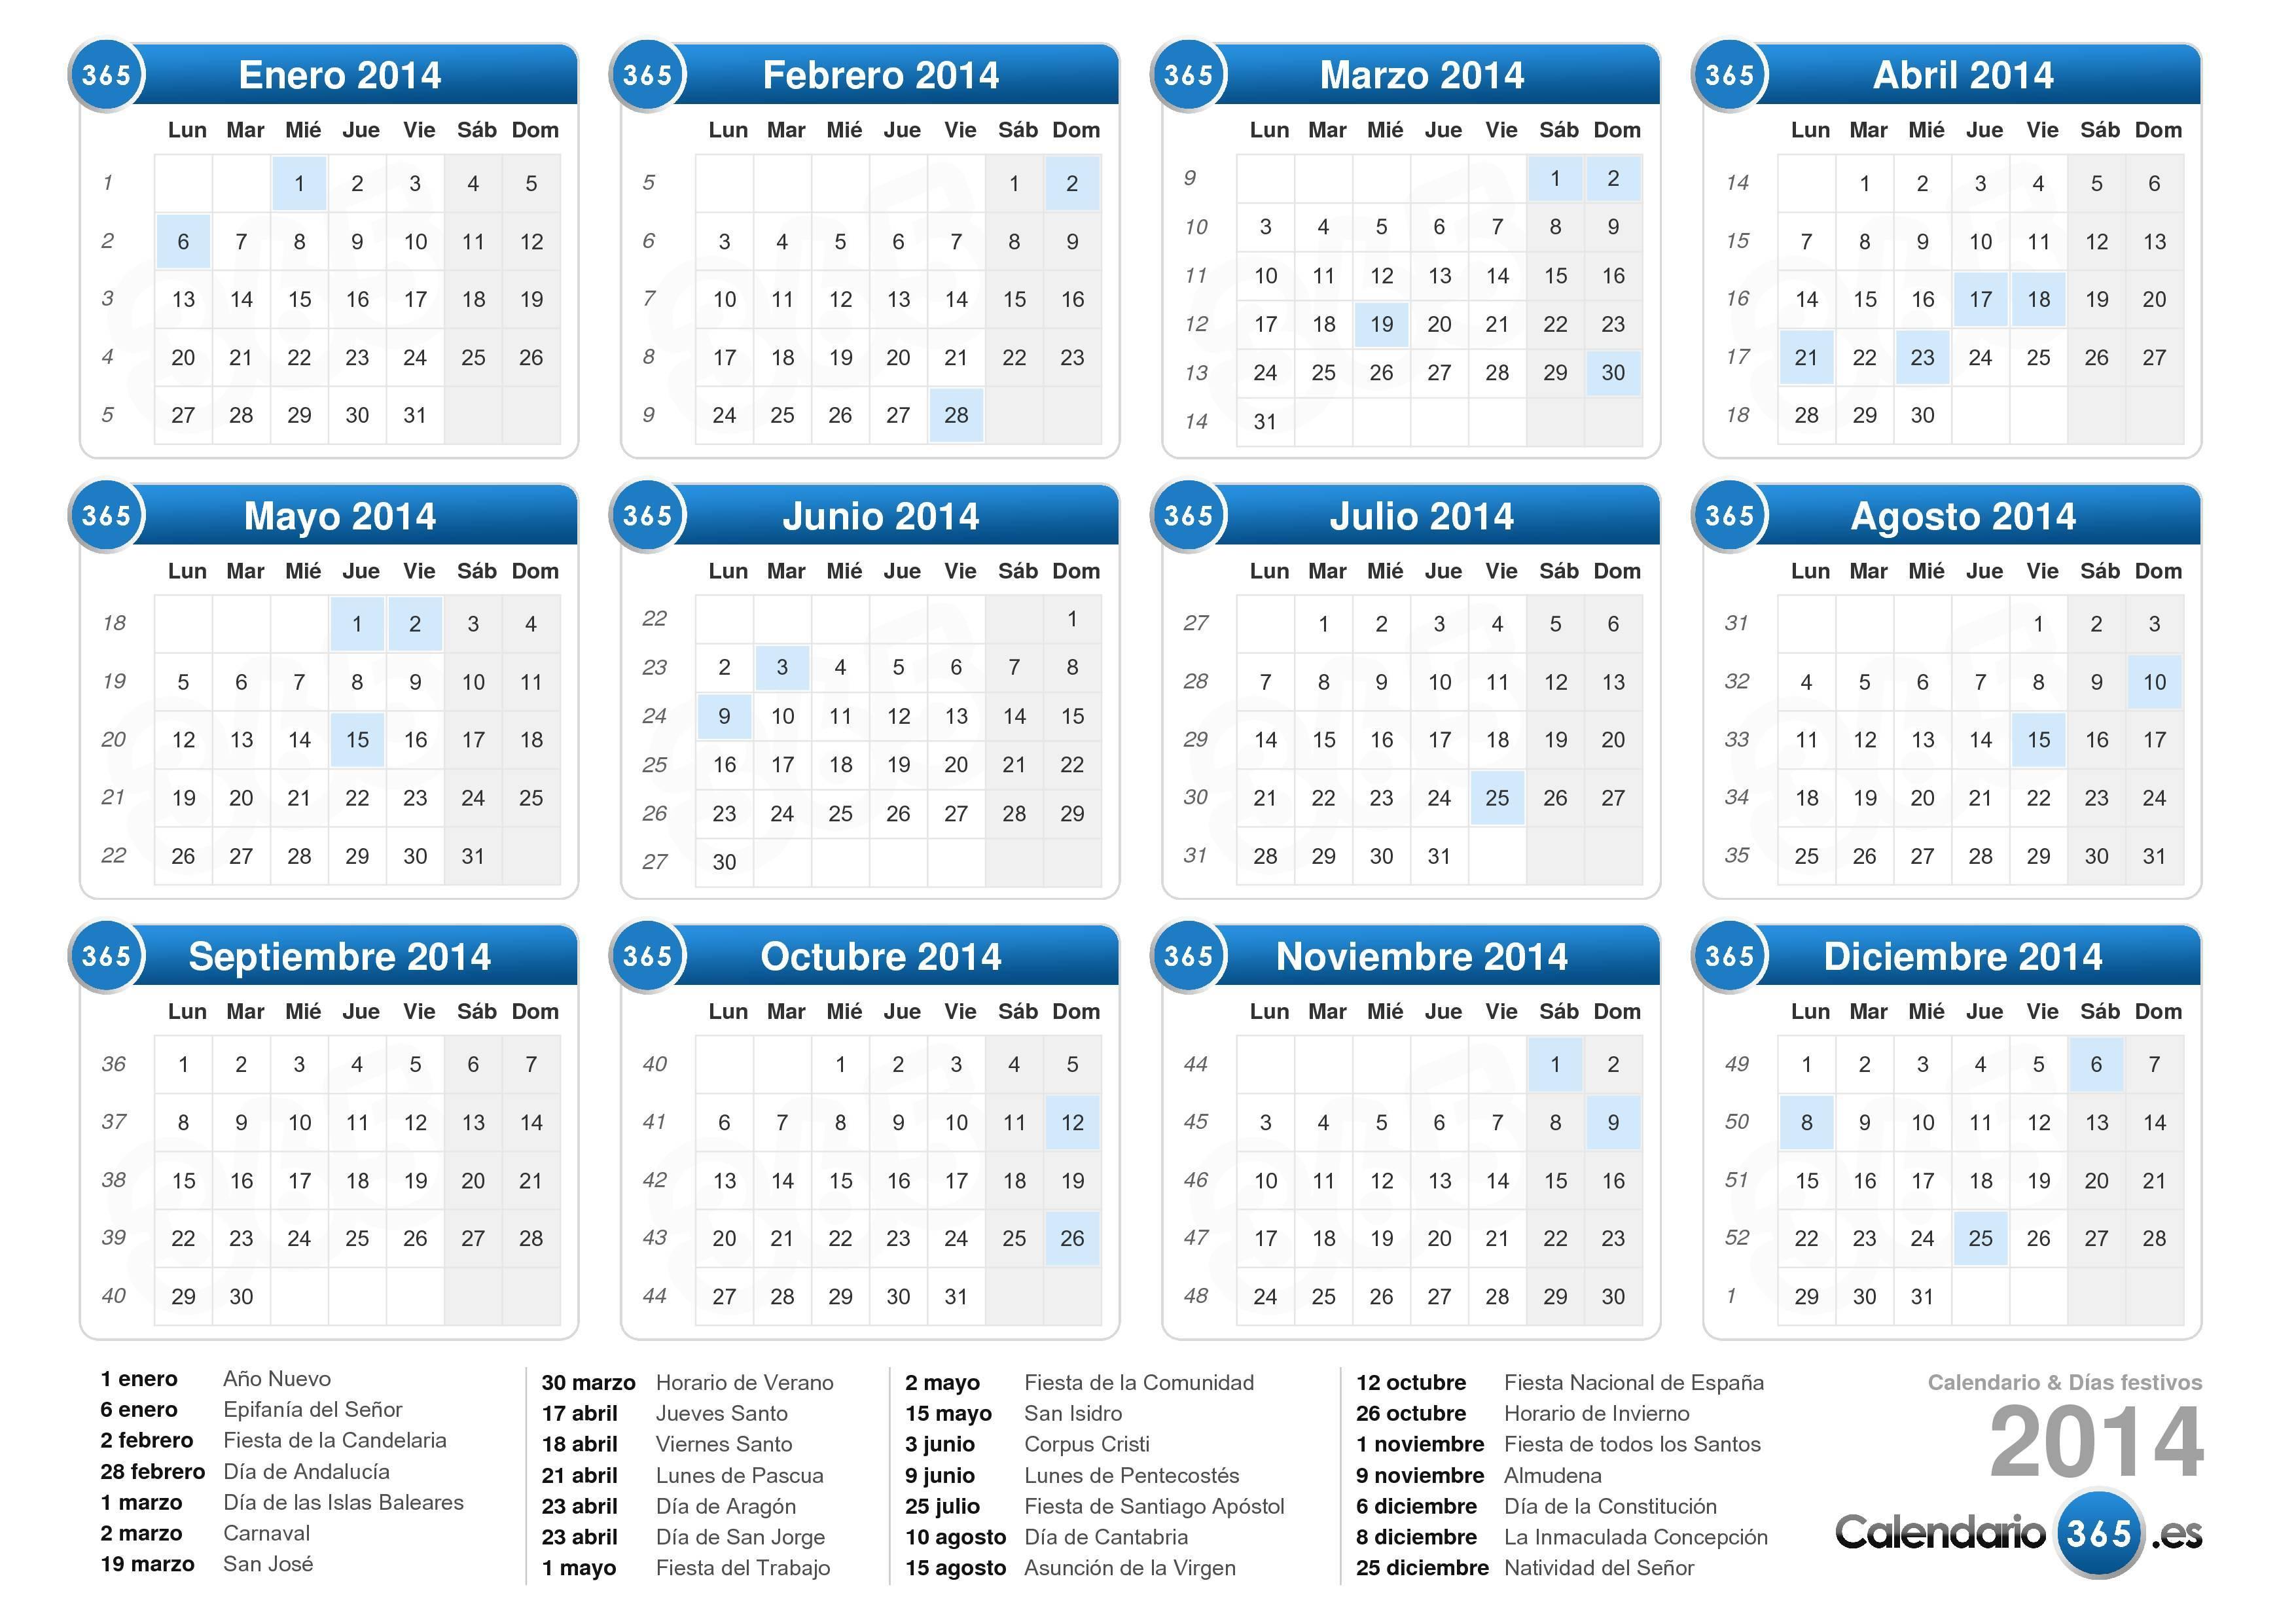 Calendario 2014 Imprimir Excel Calendario 2014 en Excel y